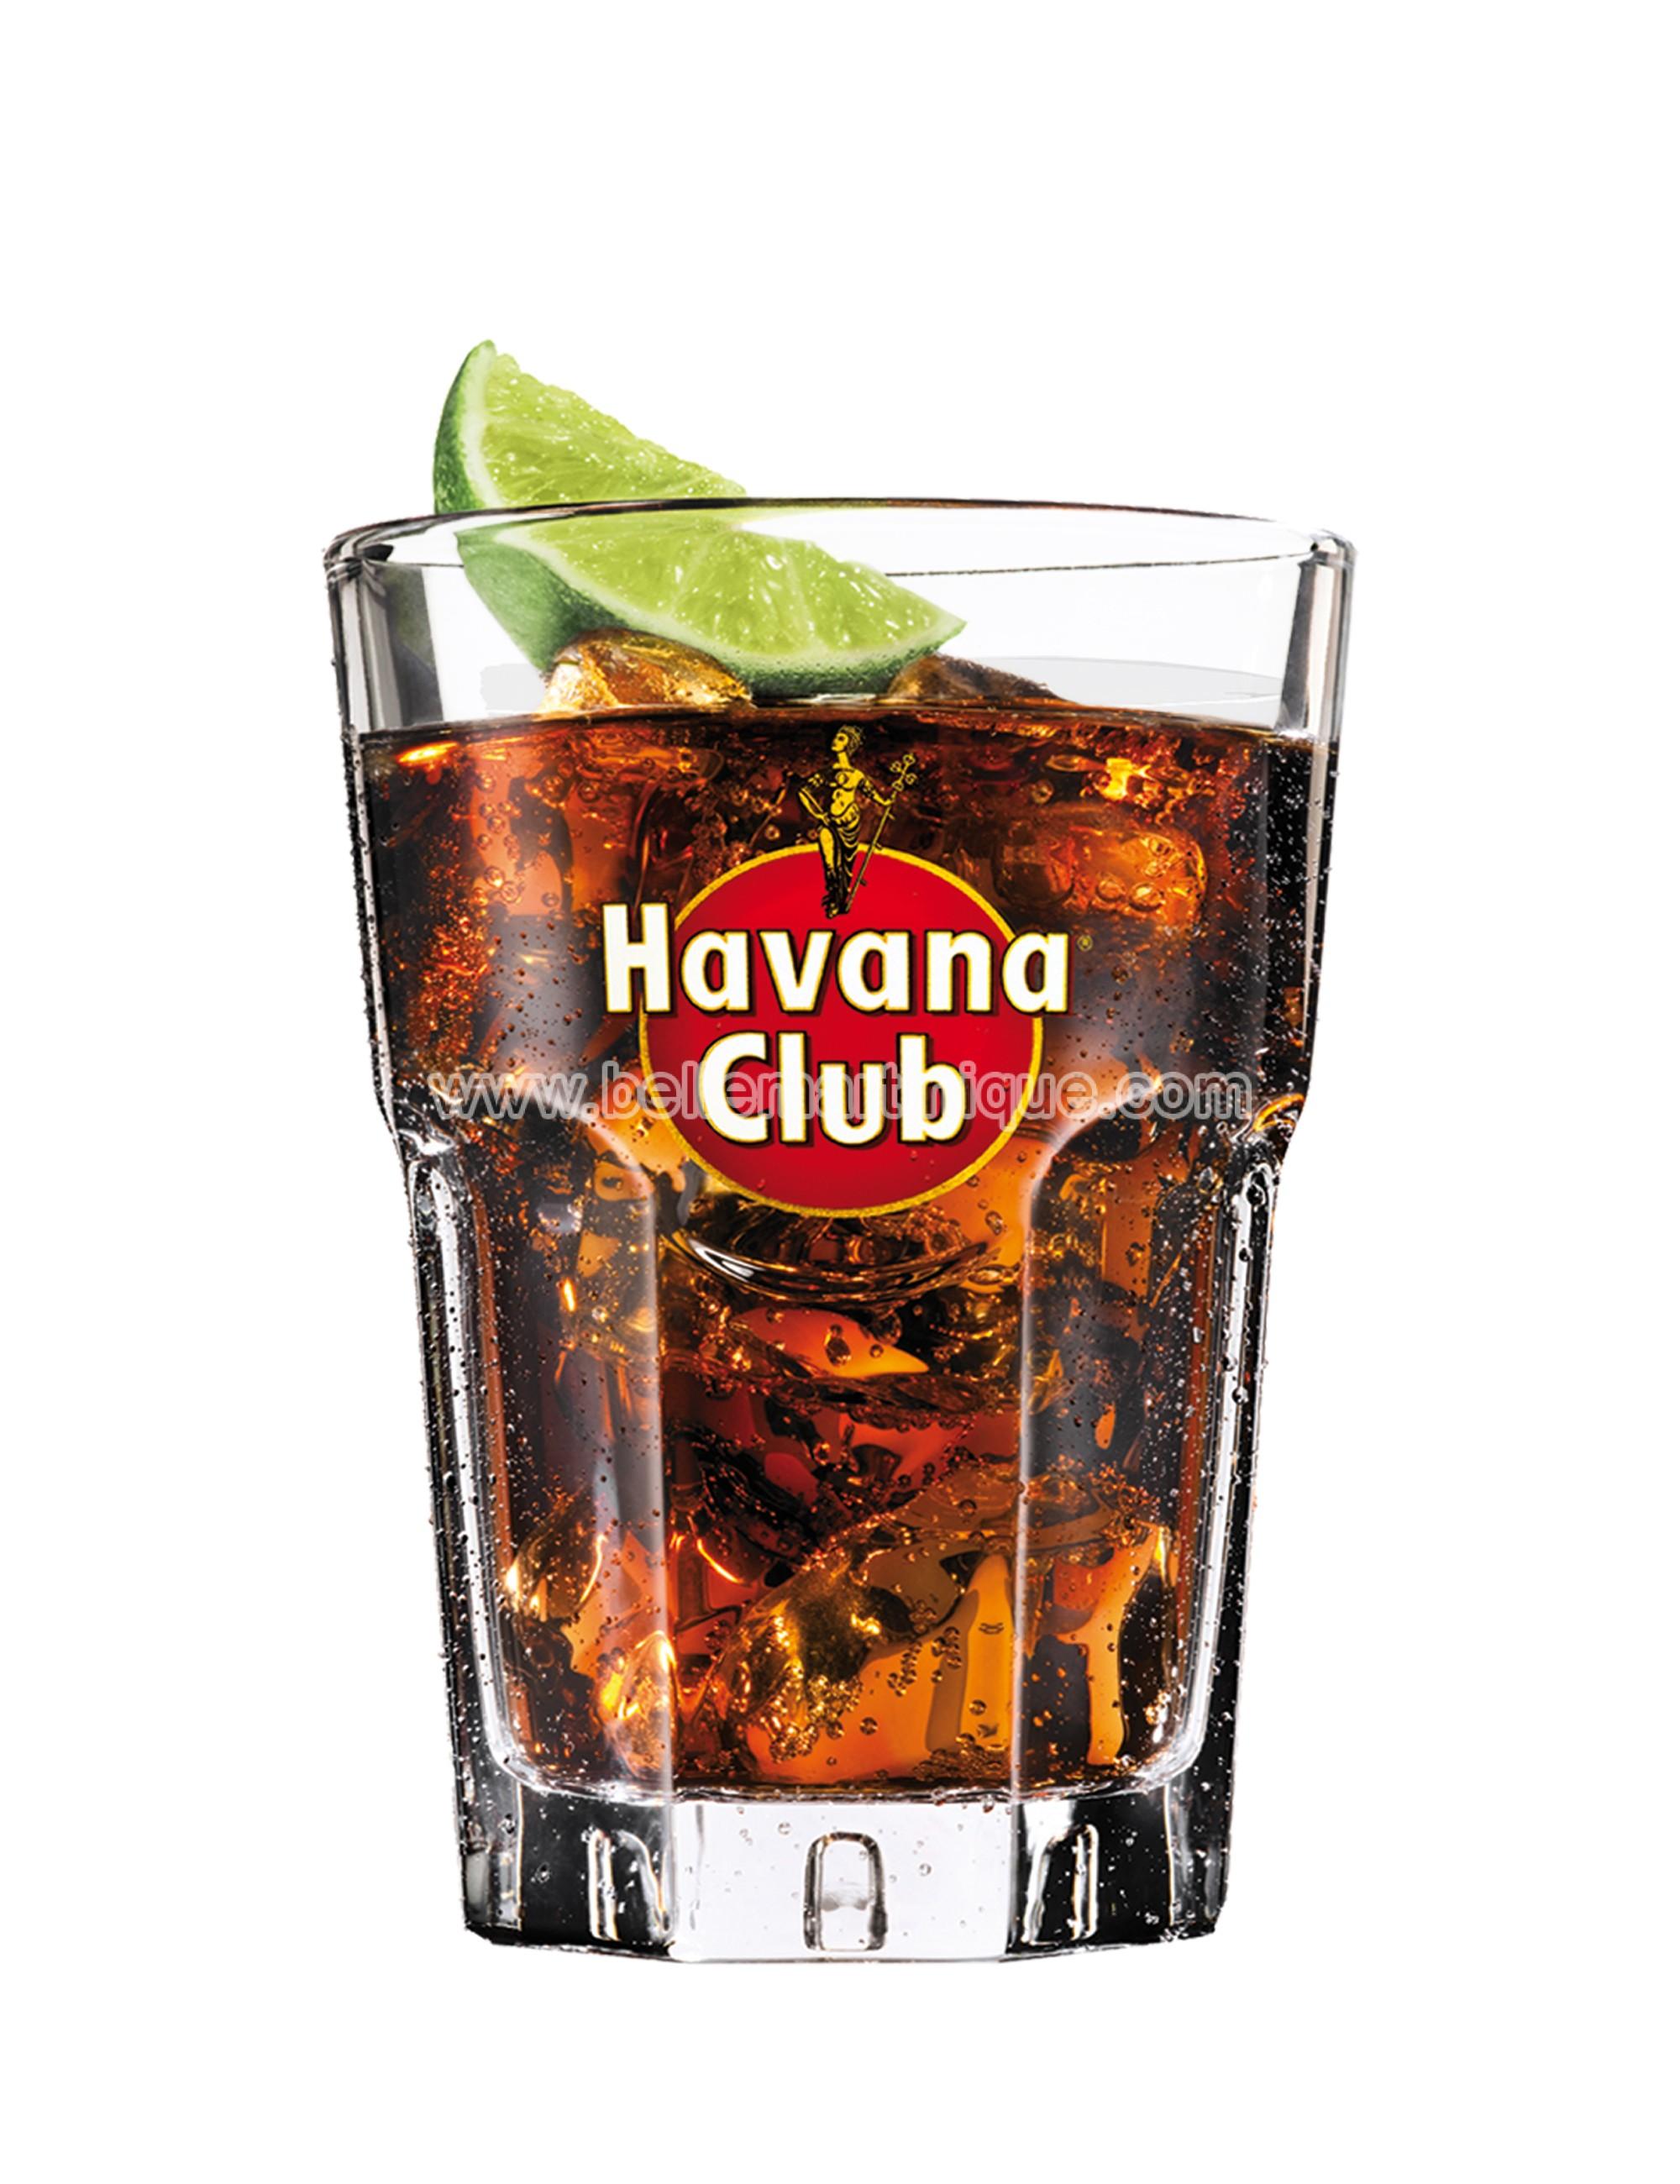 Cuba libre-antilles